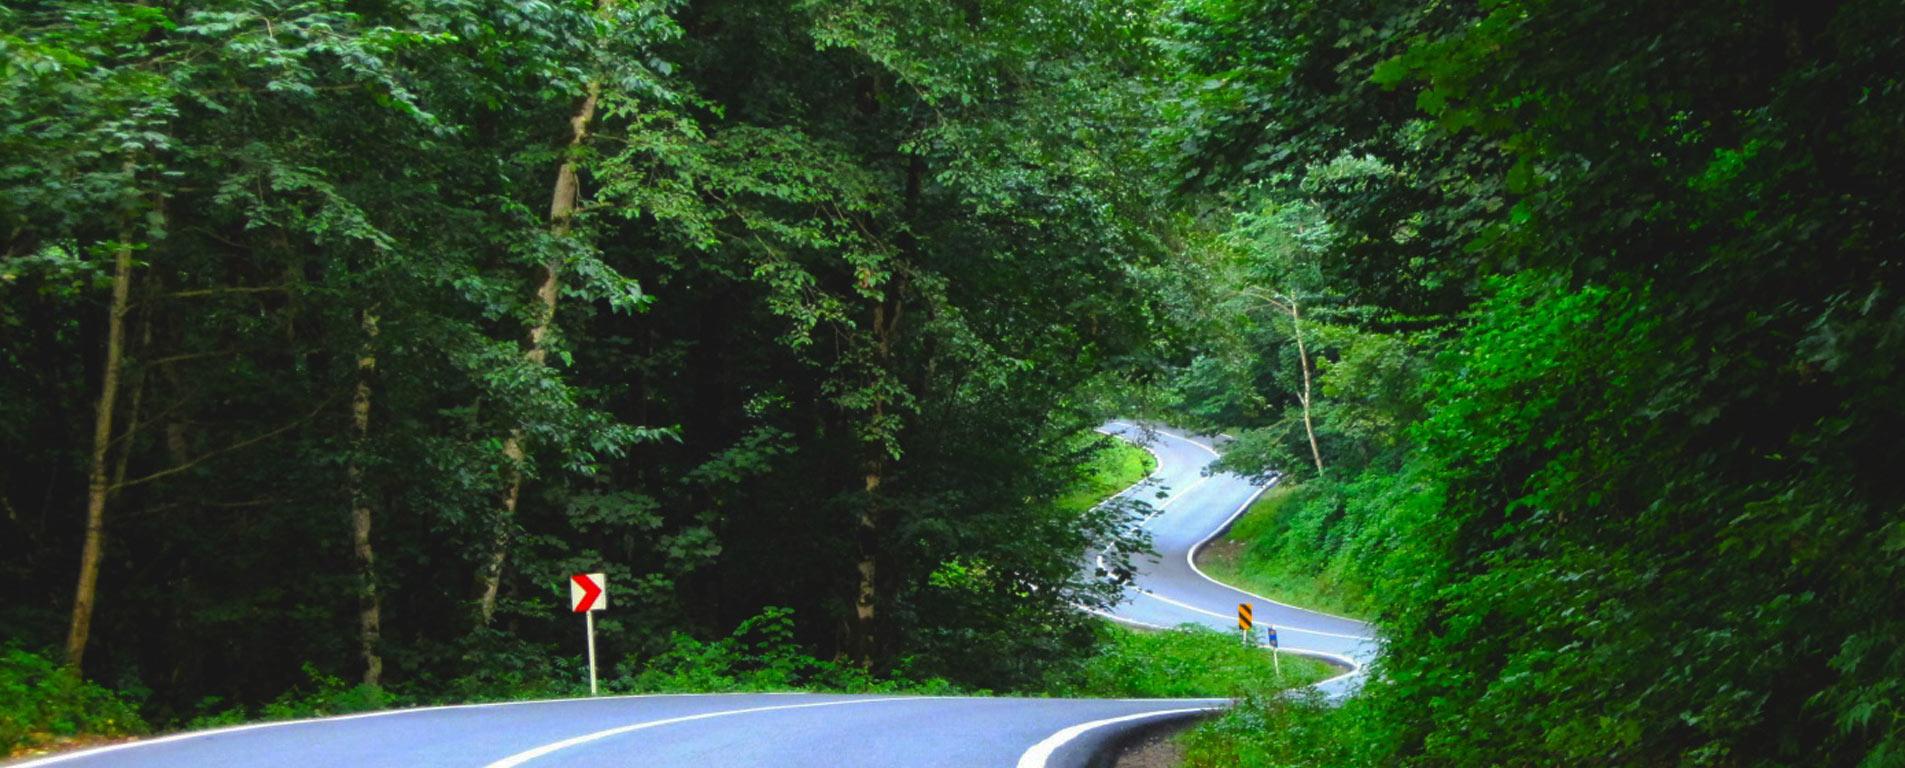 جاده چالوس ؛ دوستداشتنیترین جاده ایران